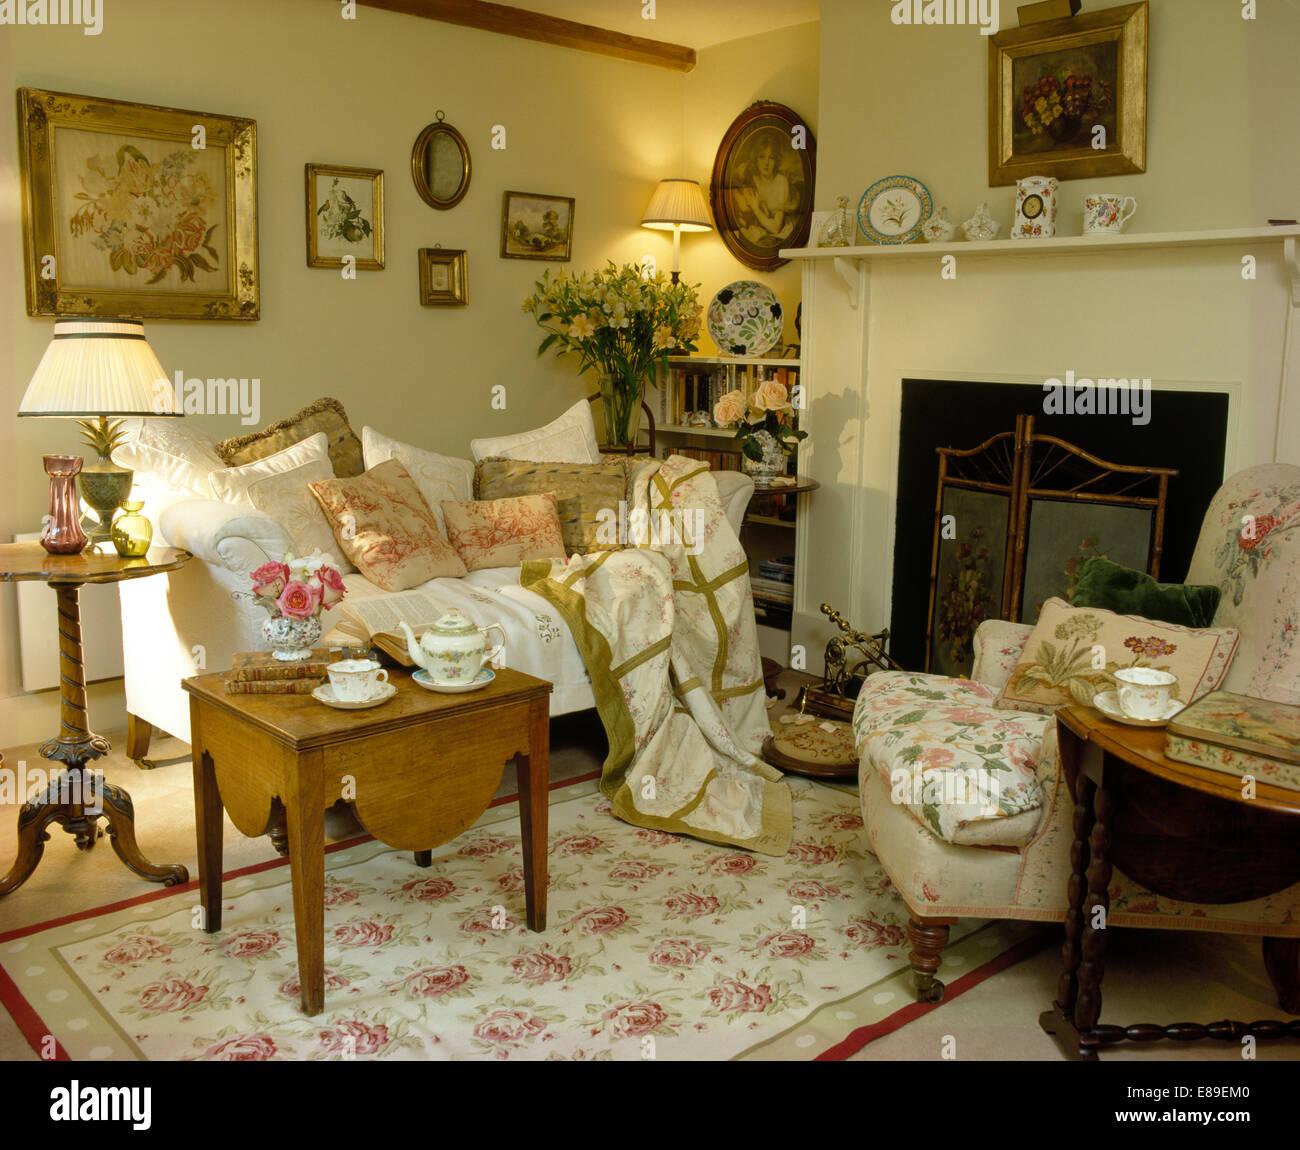 Dimensioni Tappeto Davanti Al Divano cuscini e gettare sul divano bianco in cottage soggiorno con